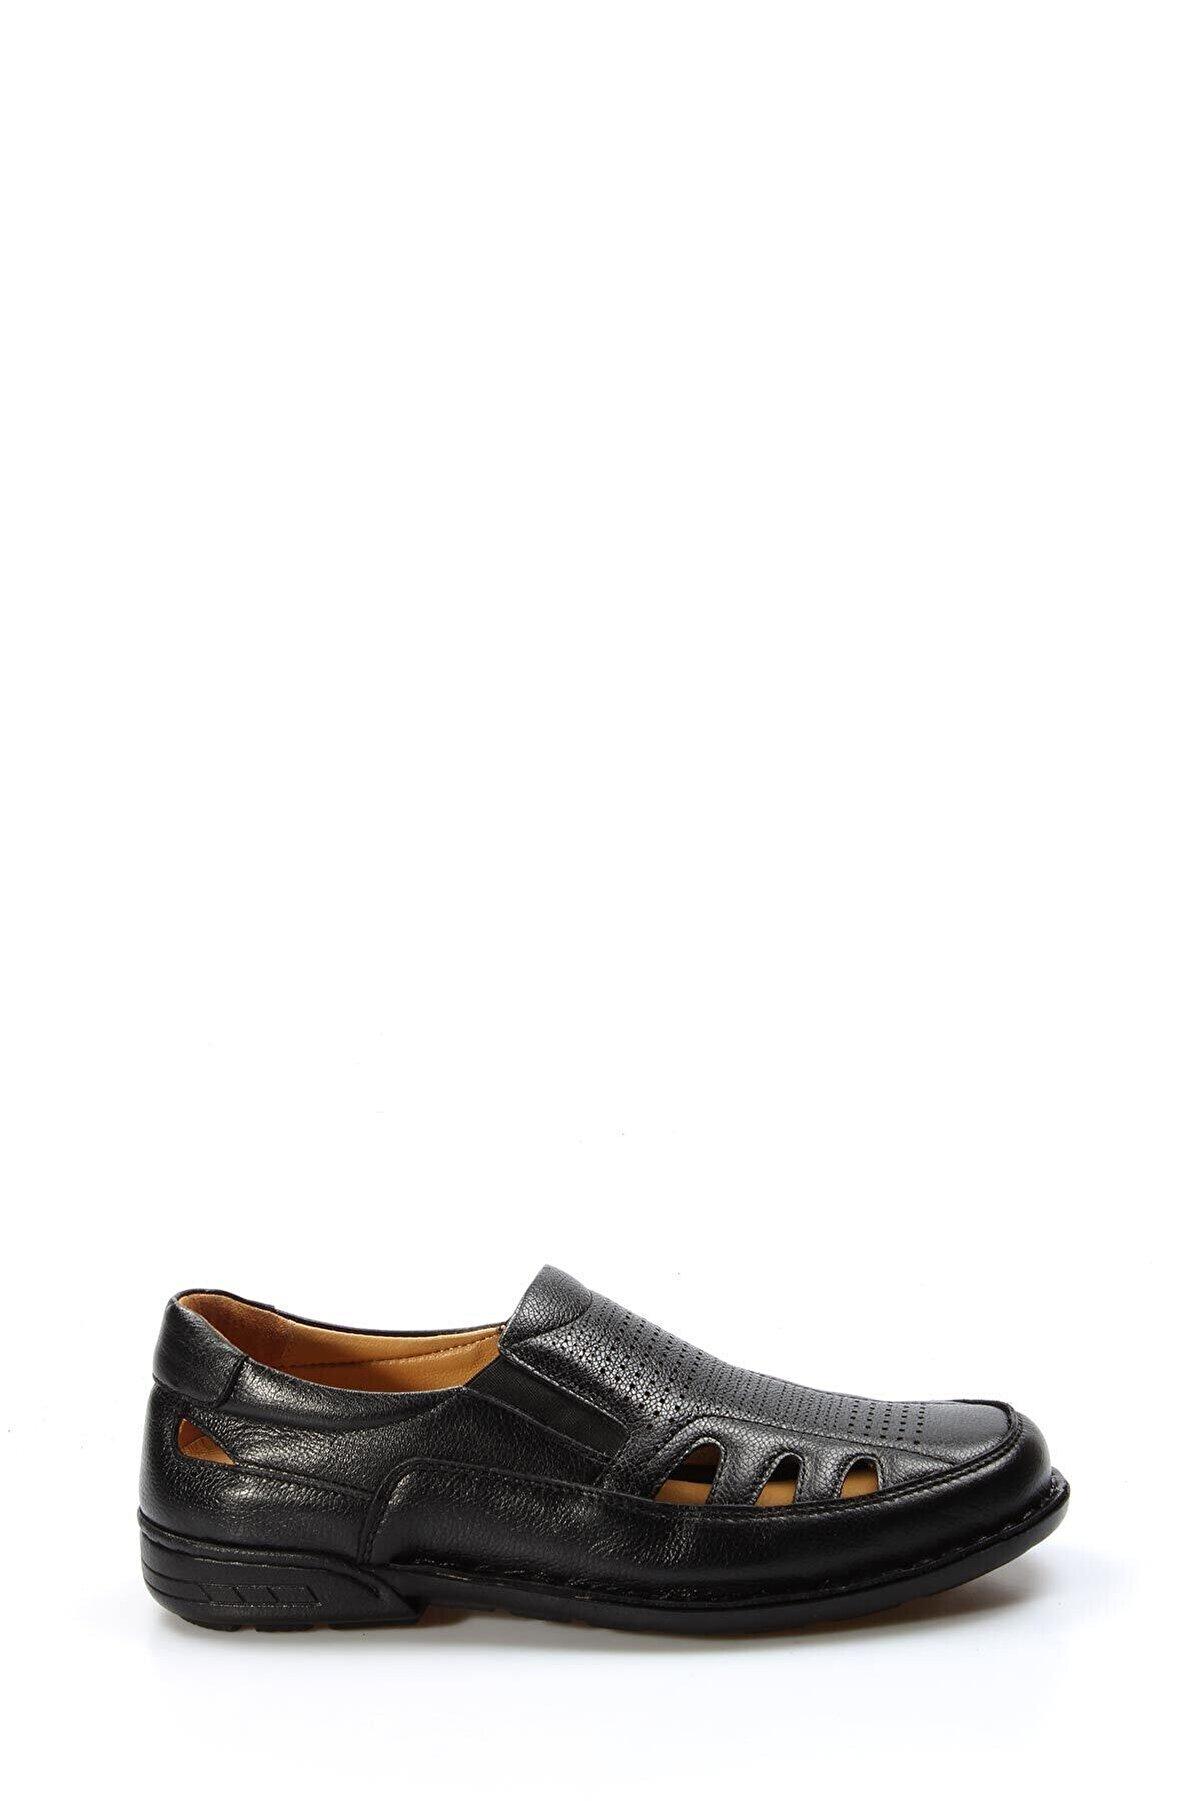 Fast Step Hakiki Deri Ortopedik Siyah Erkek Klasik Sandalet 662ma118kt